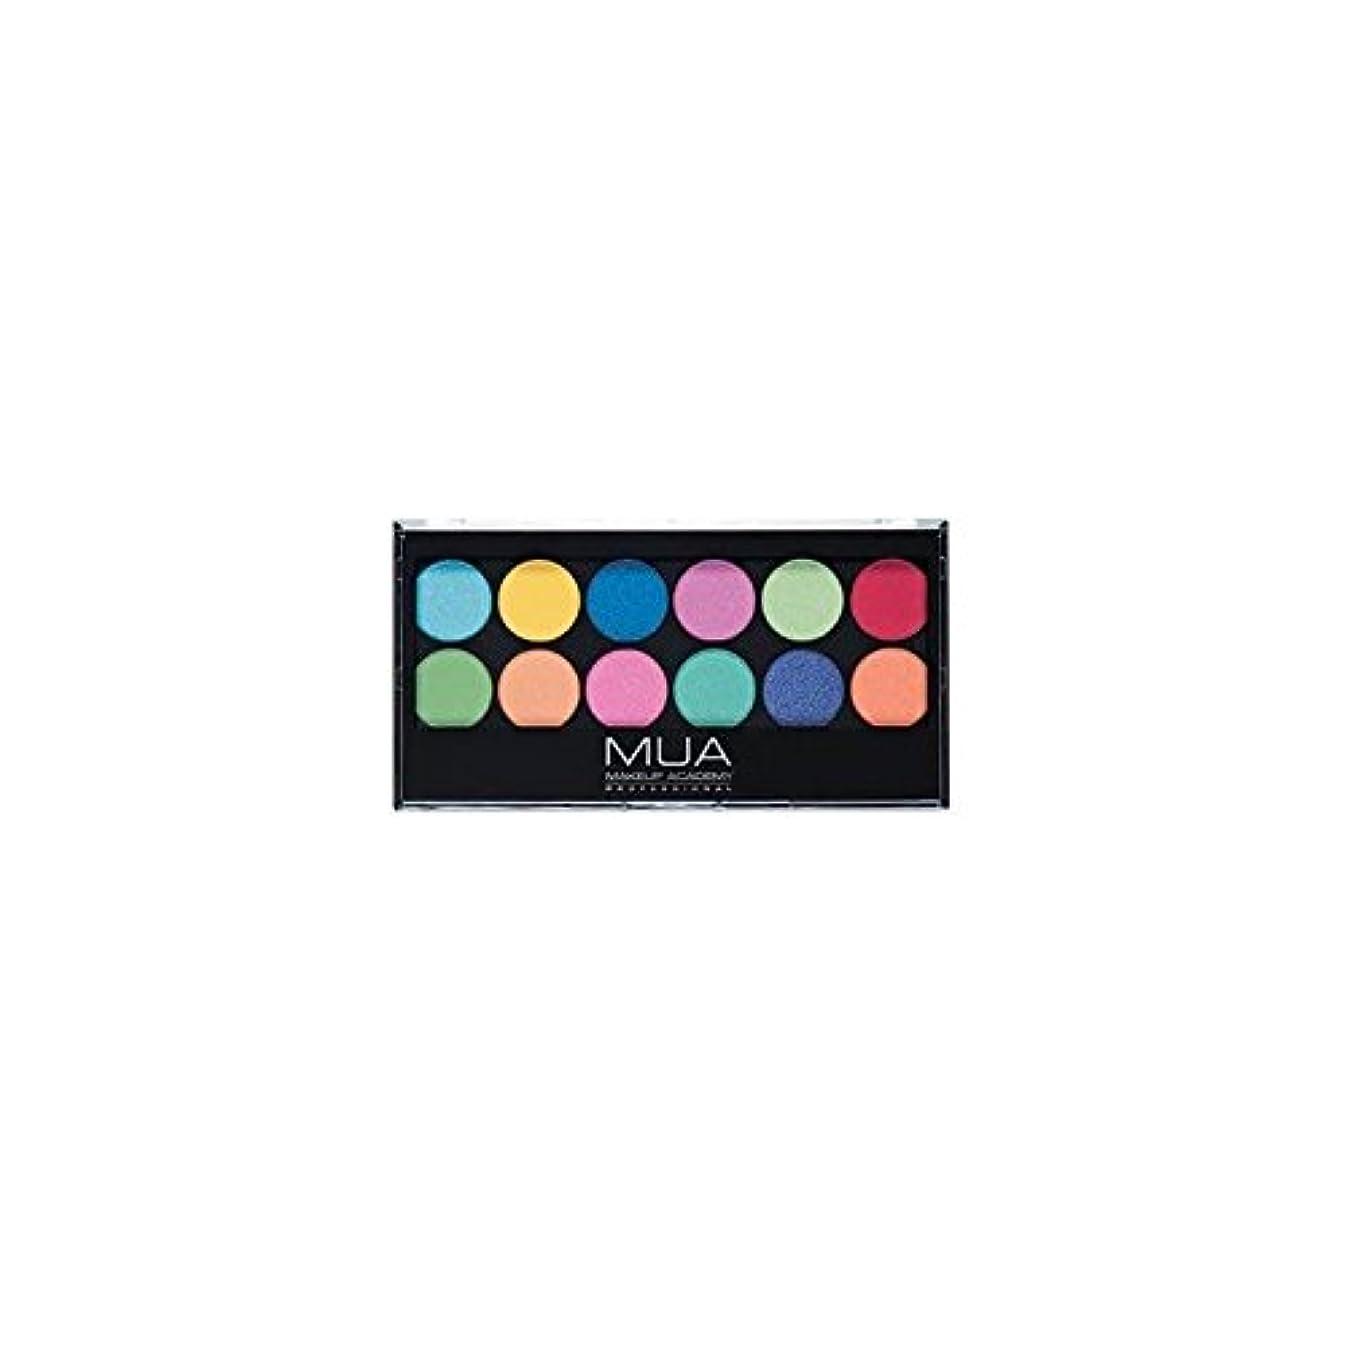 要求する非効率的な困惑したのアイシャドウパレット - サイレントディスコ x4 - MUA Eyeshadow Palette - Silent Disco (Pack of 4) [並行輸入品]